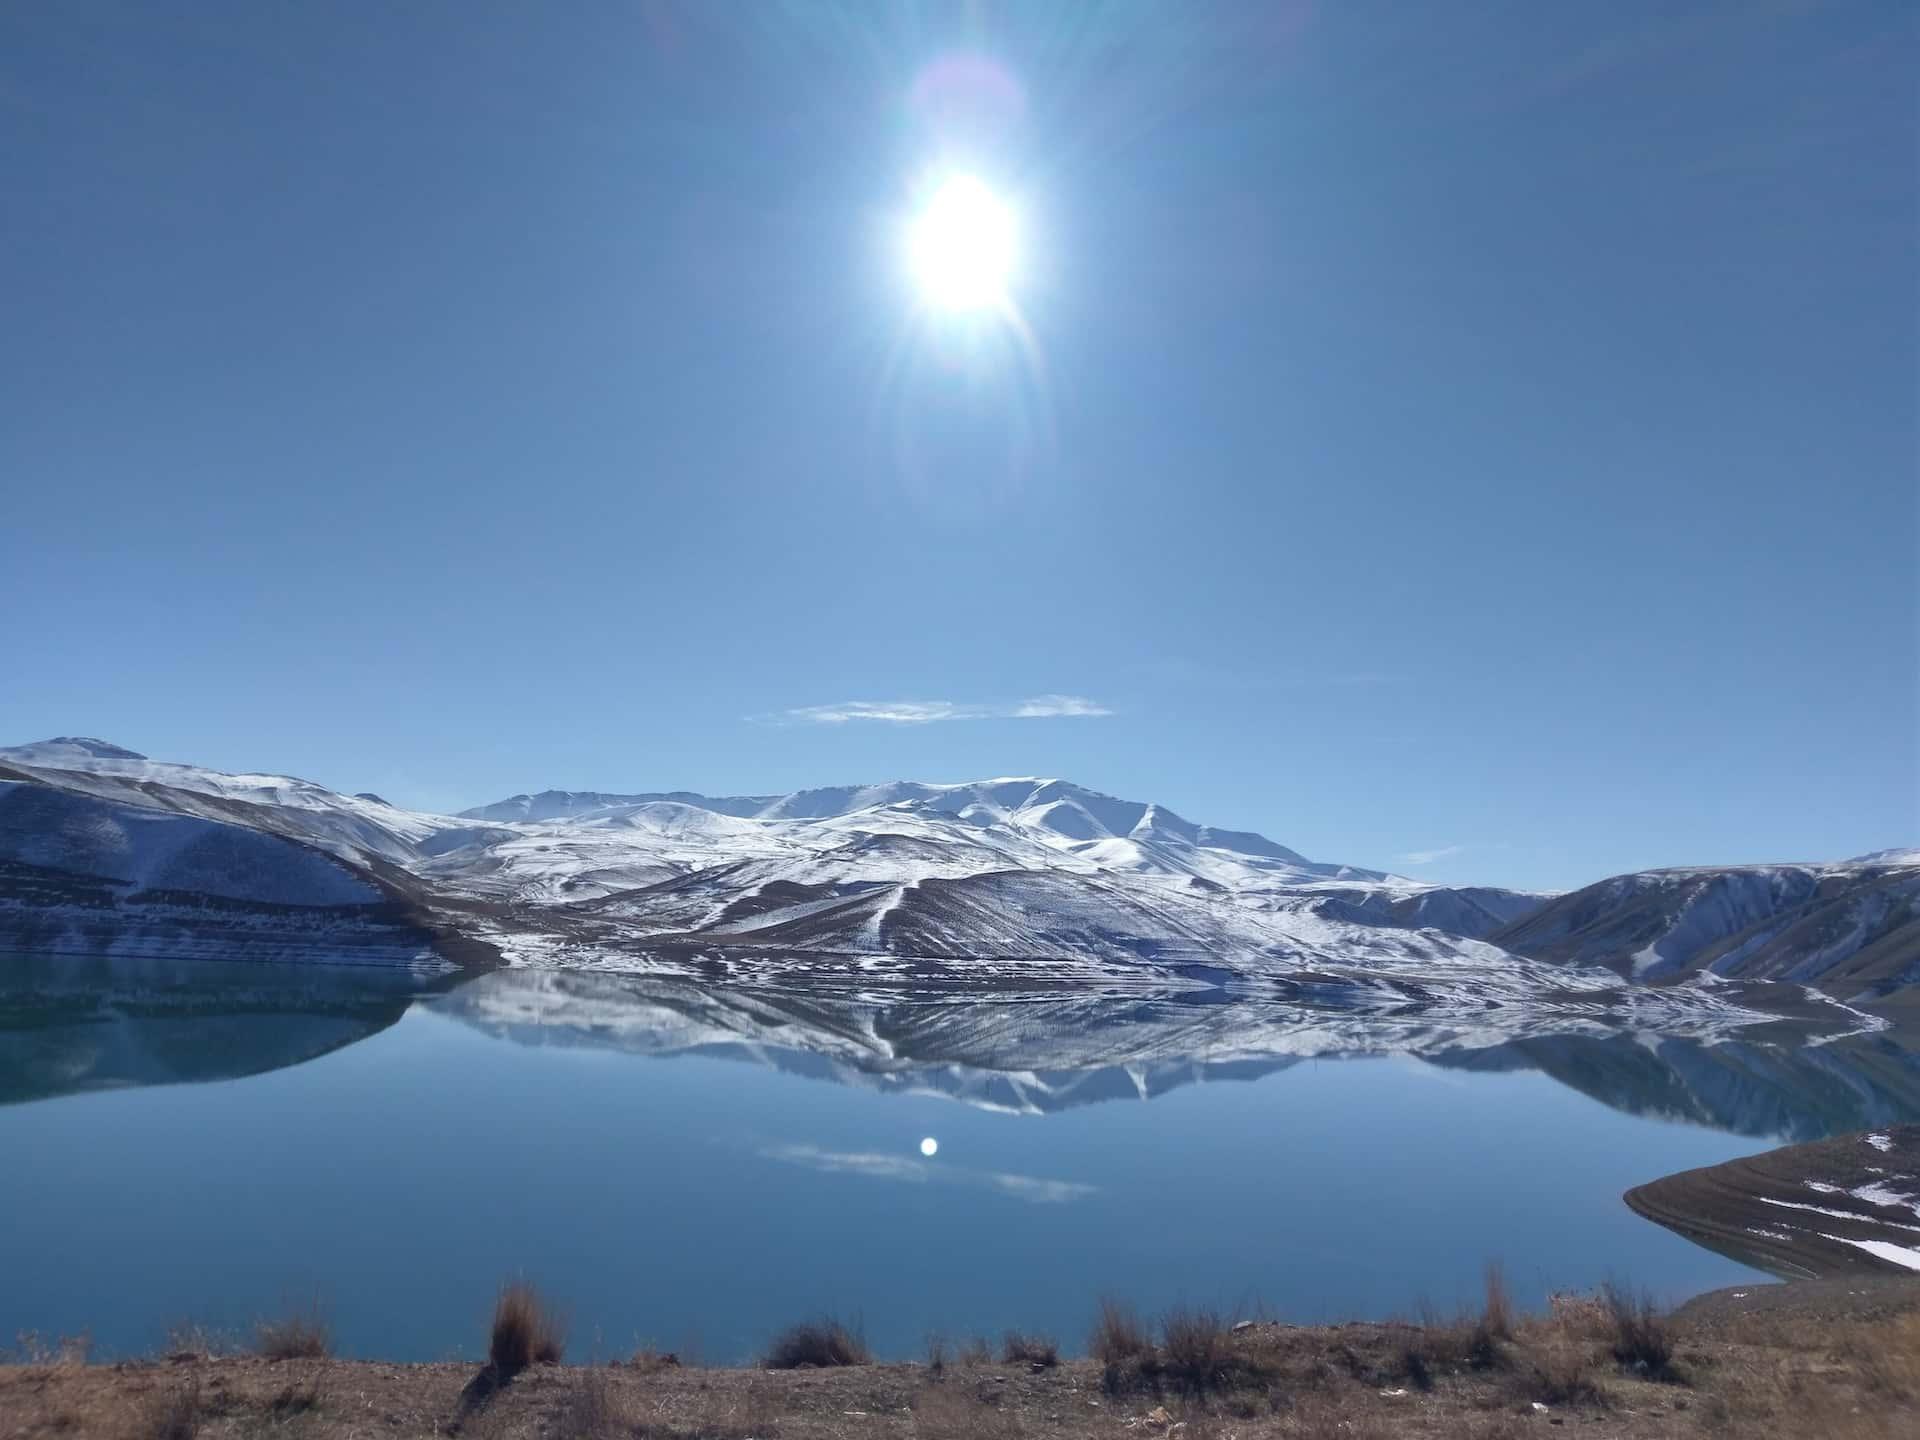 Van Lake Tурция, фото